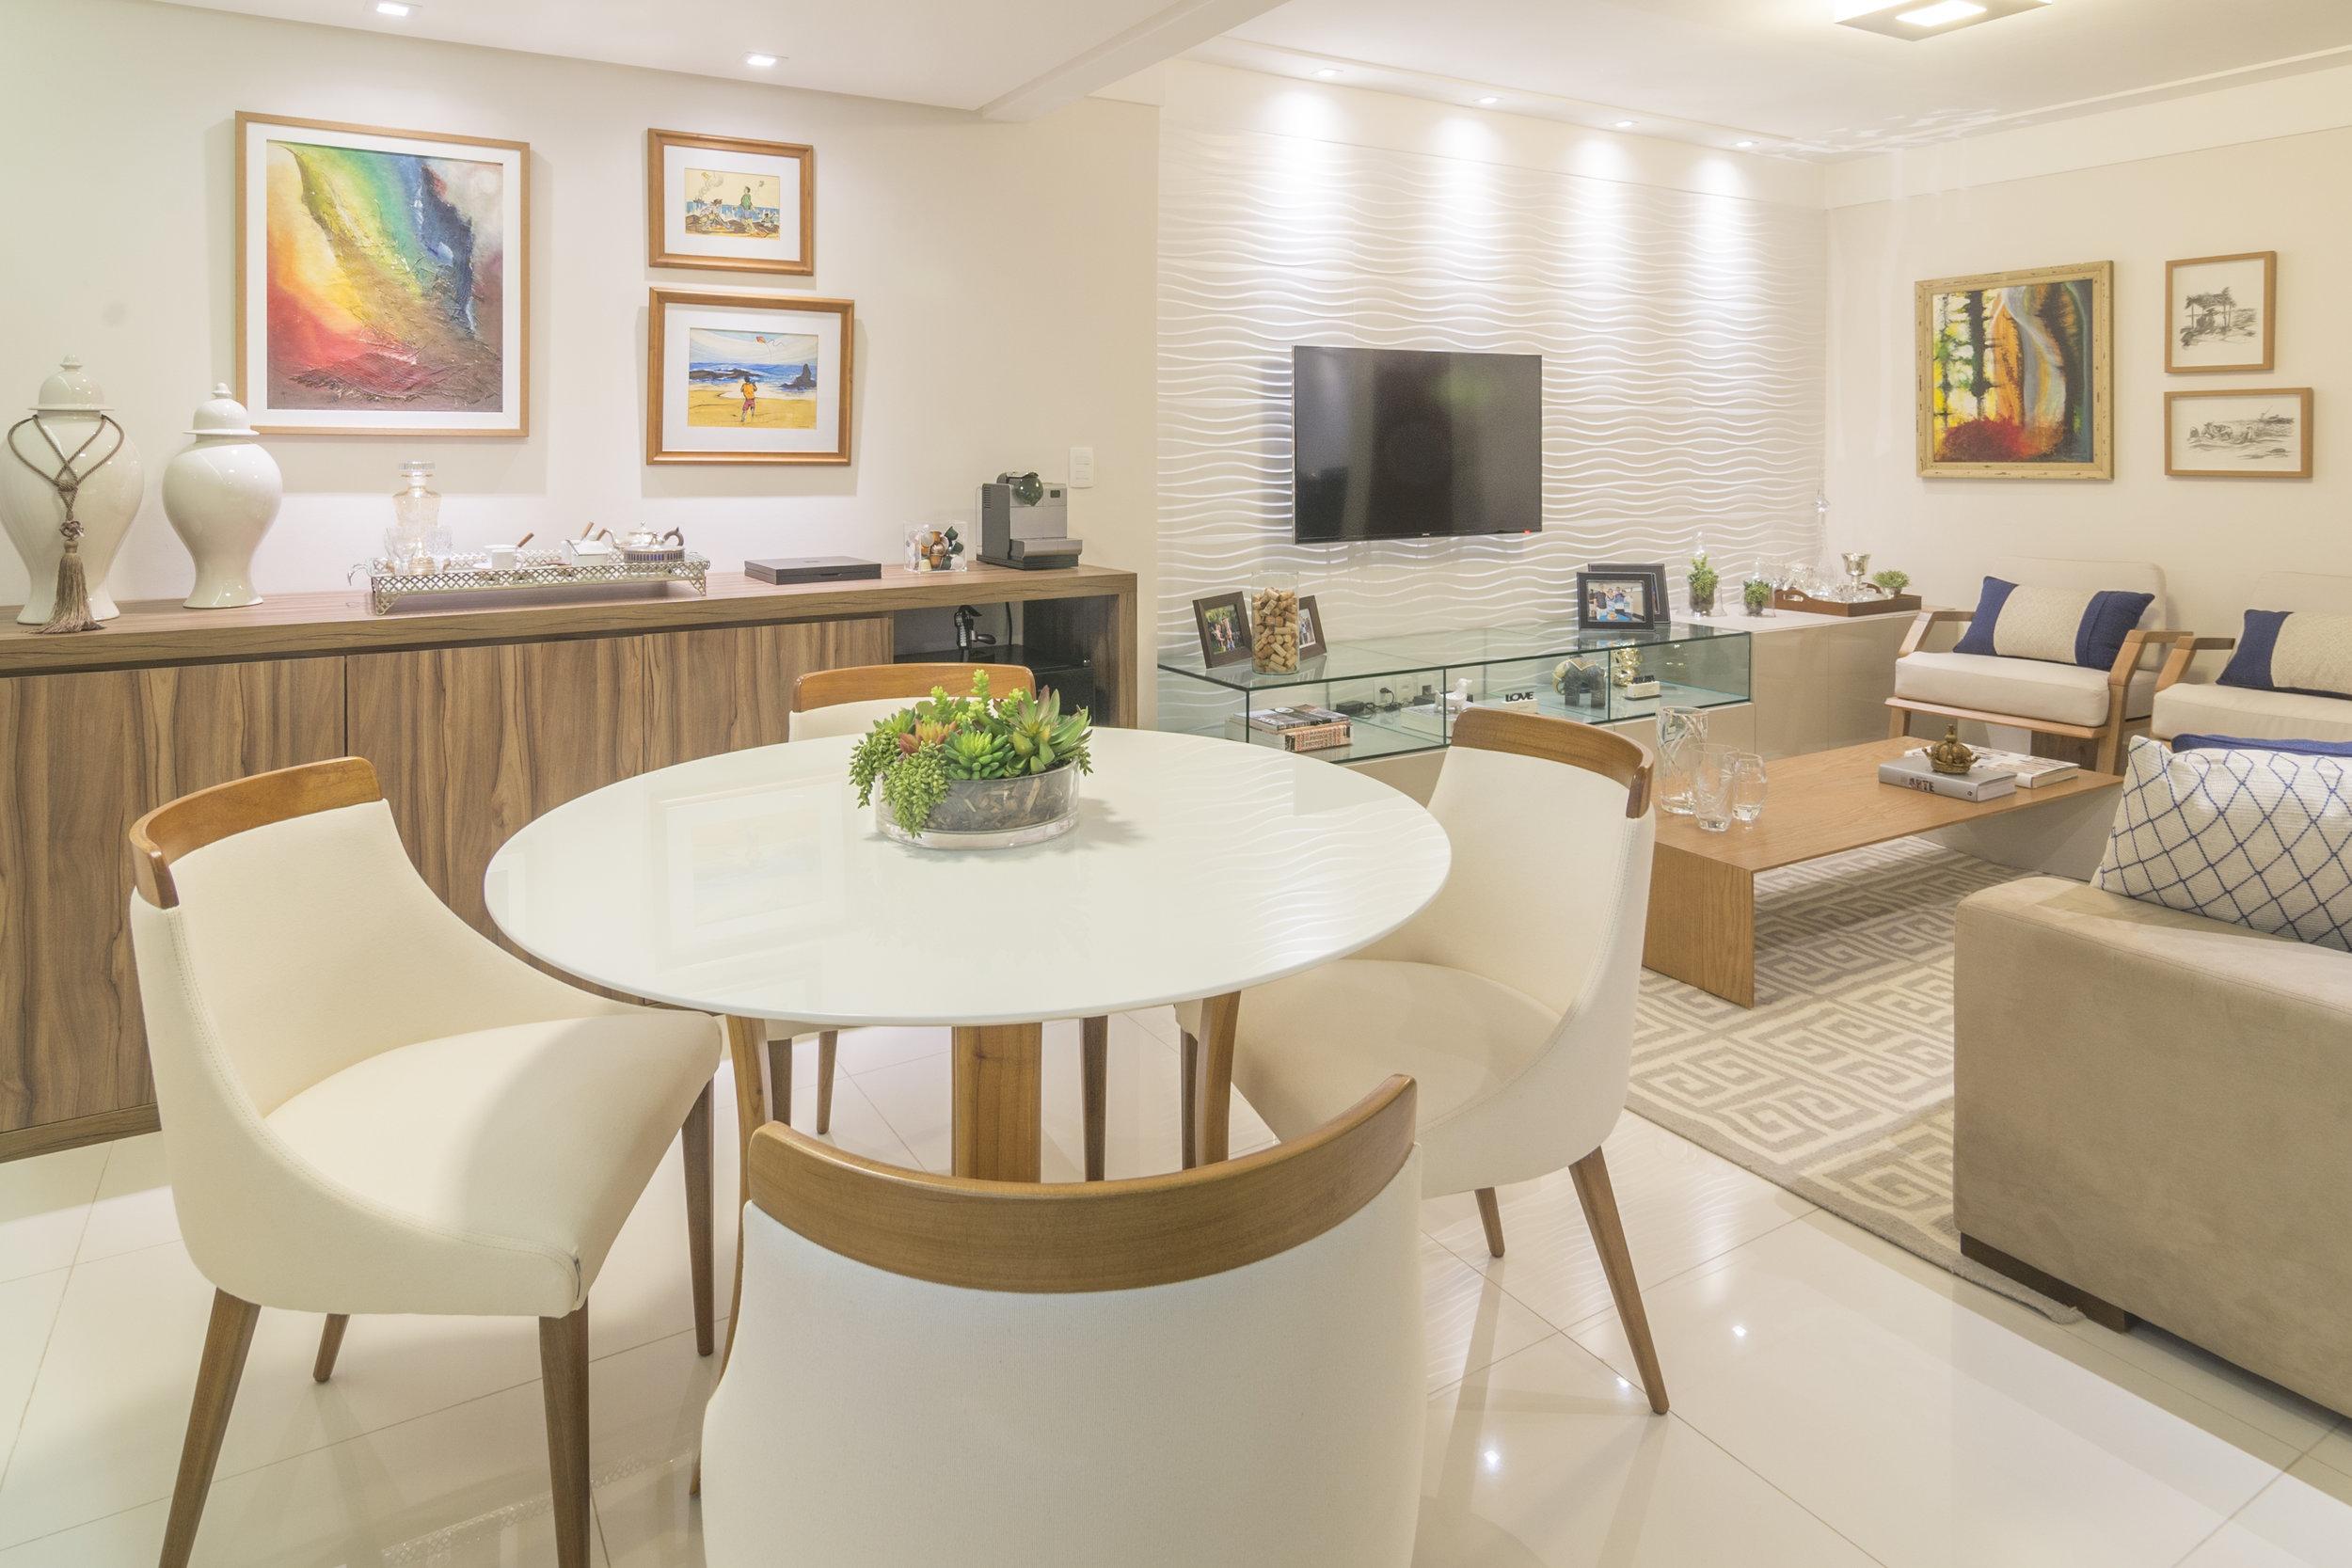 projeto-arquitetonico-luciananilton-duo-arquitetura-apartamentos-natal-017.jpg